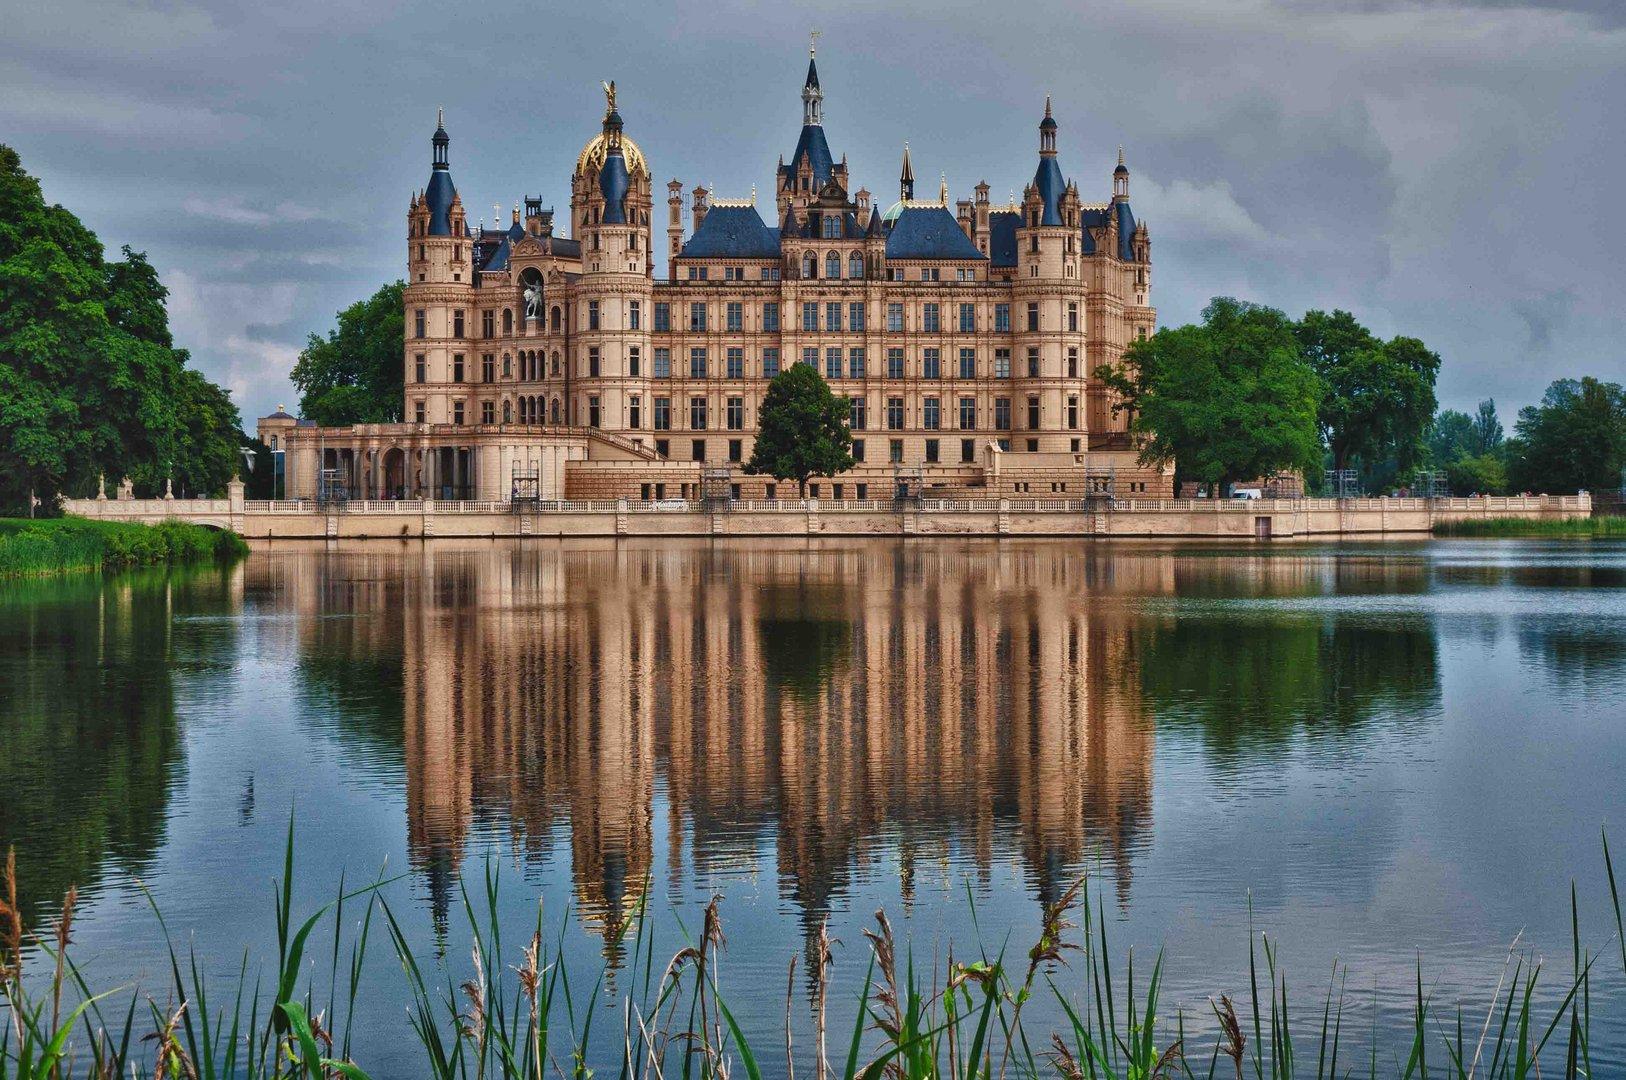 Schloss-Schwerin